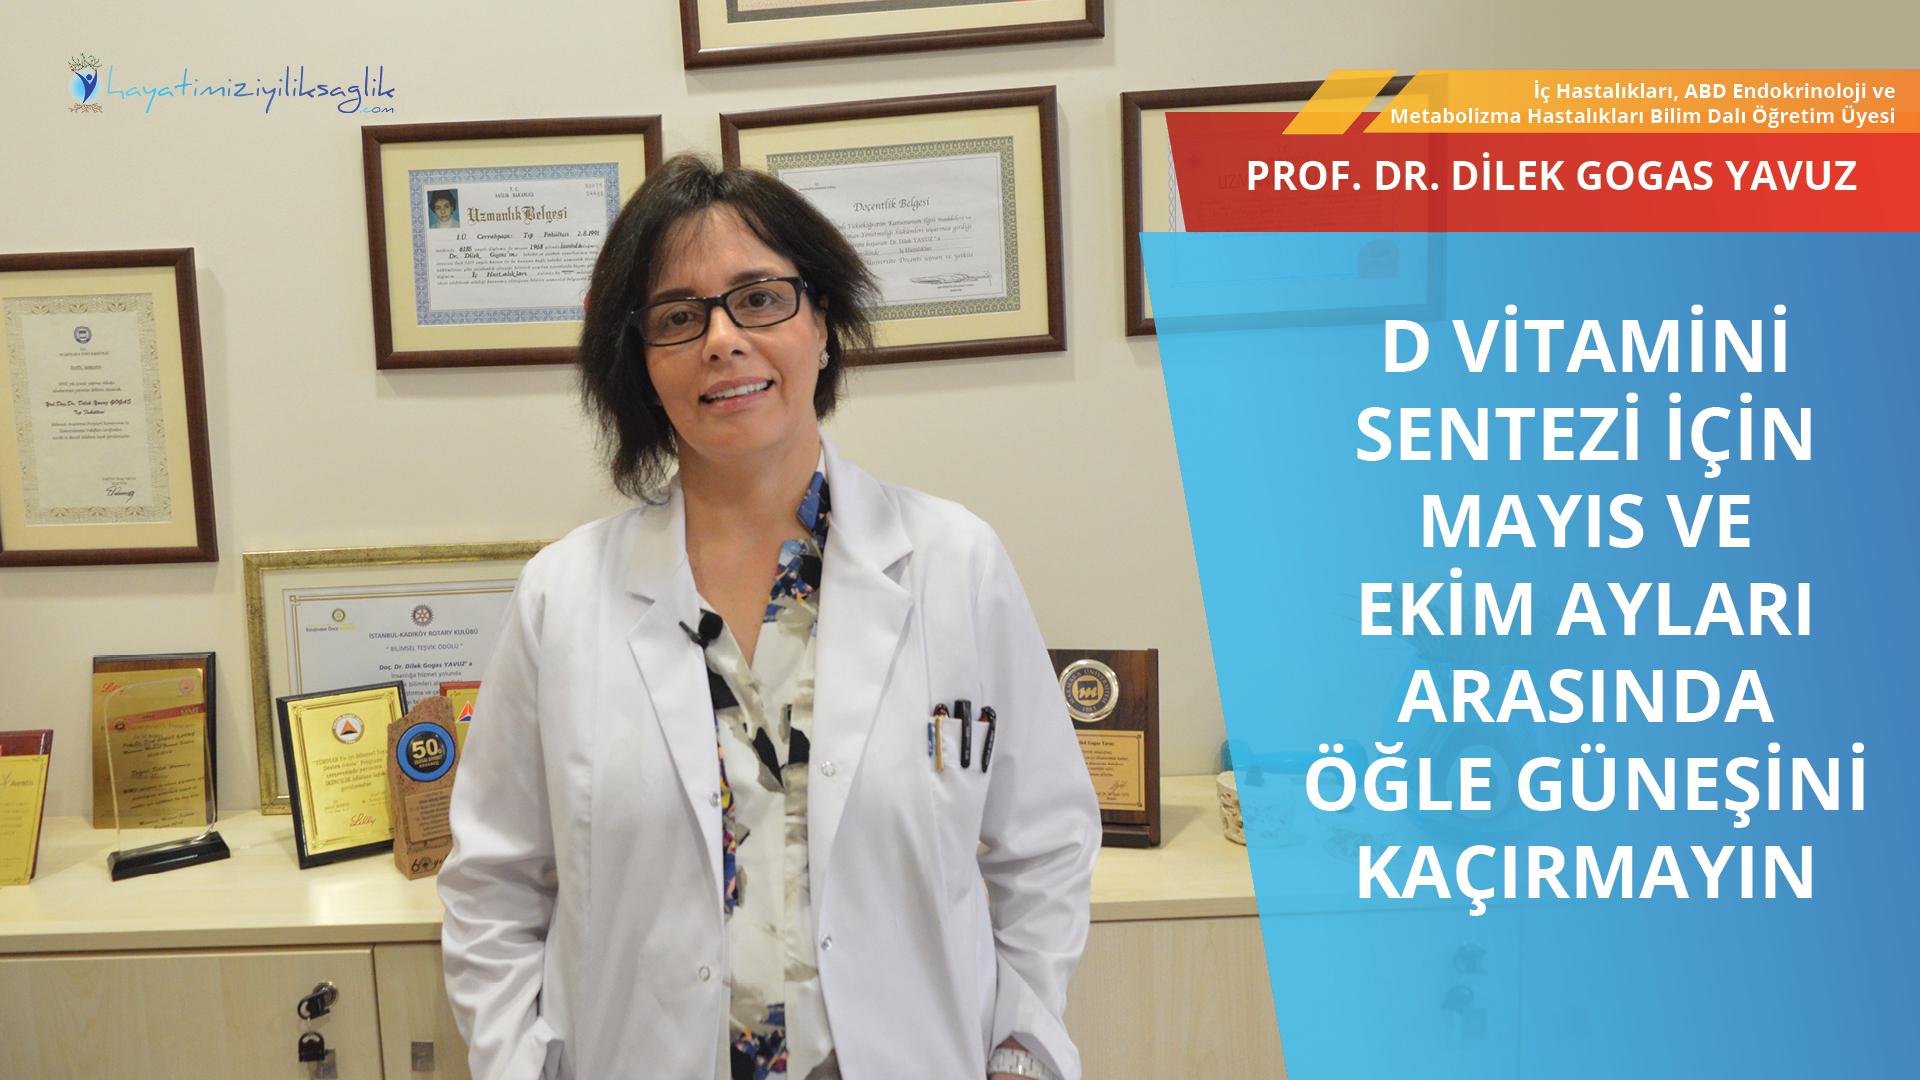 D vitamini fazlalığı da azlığı gibi bir hastalıktır